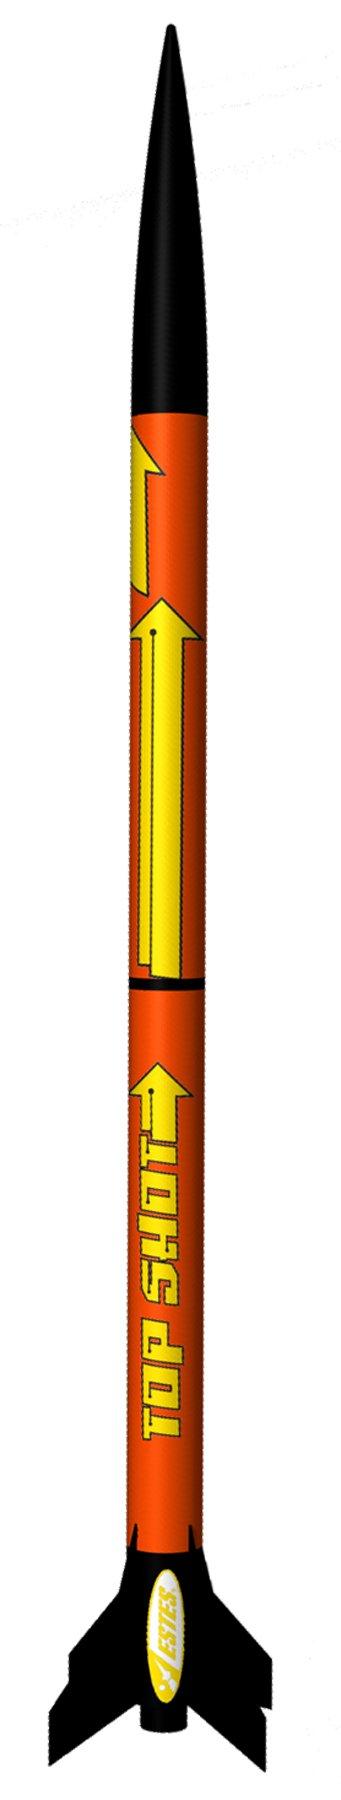 Estes Top Shot Model Rocket Kit